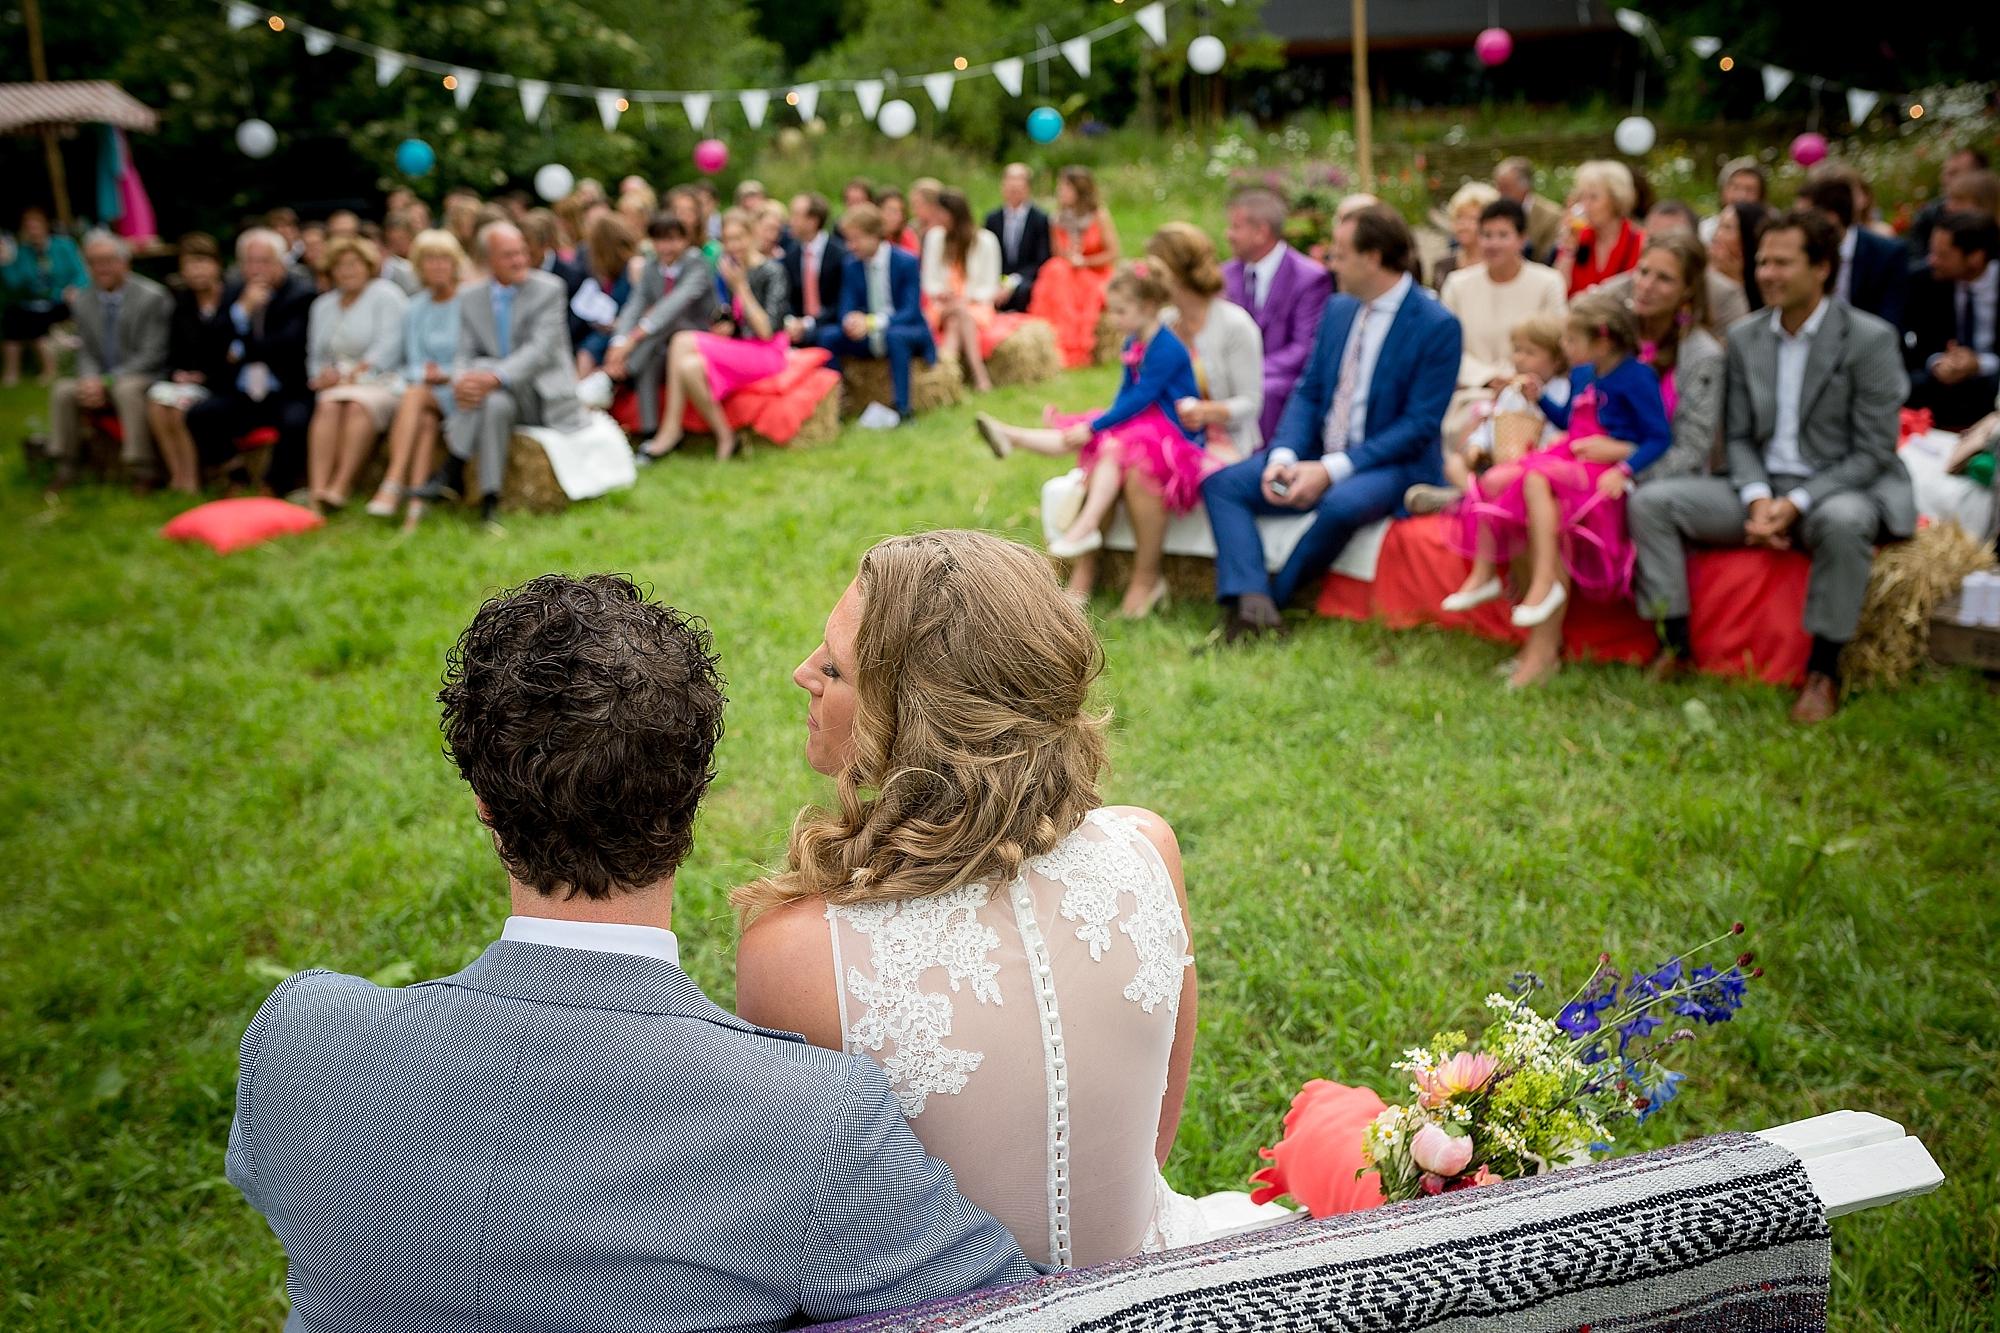 bruidsfotograaf-brabant-trouwen-in-het-bos-festivalbruiloft-vught-haaren_0087.jpg